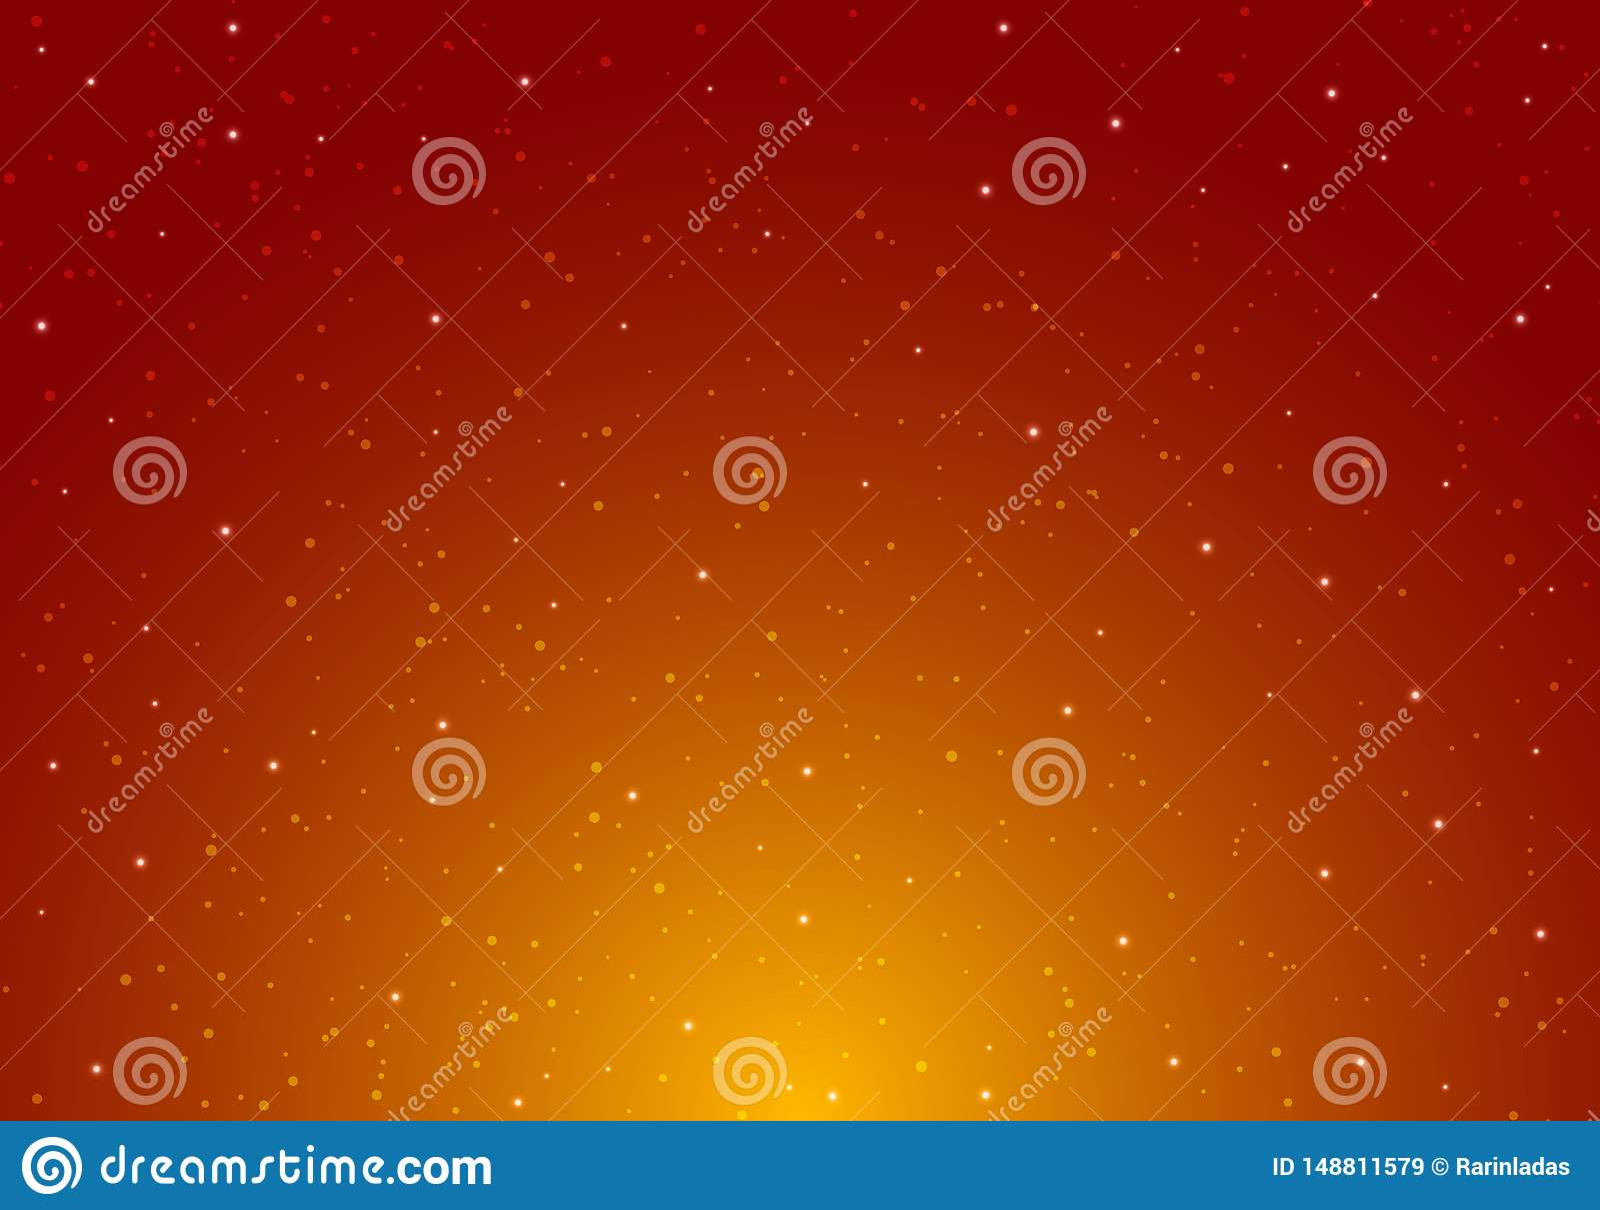 Notte che splende cielo notturno stellato con l infinito dello spazio dell universo delle stelle e luce stellare sul fondo rosso